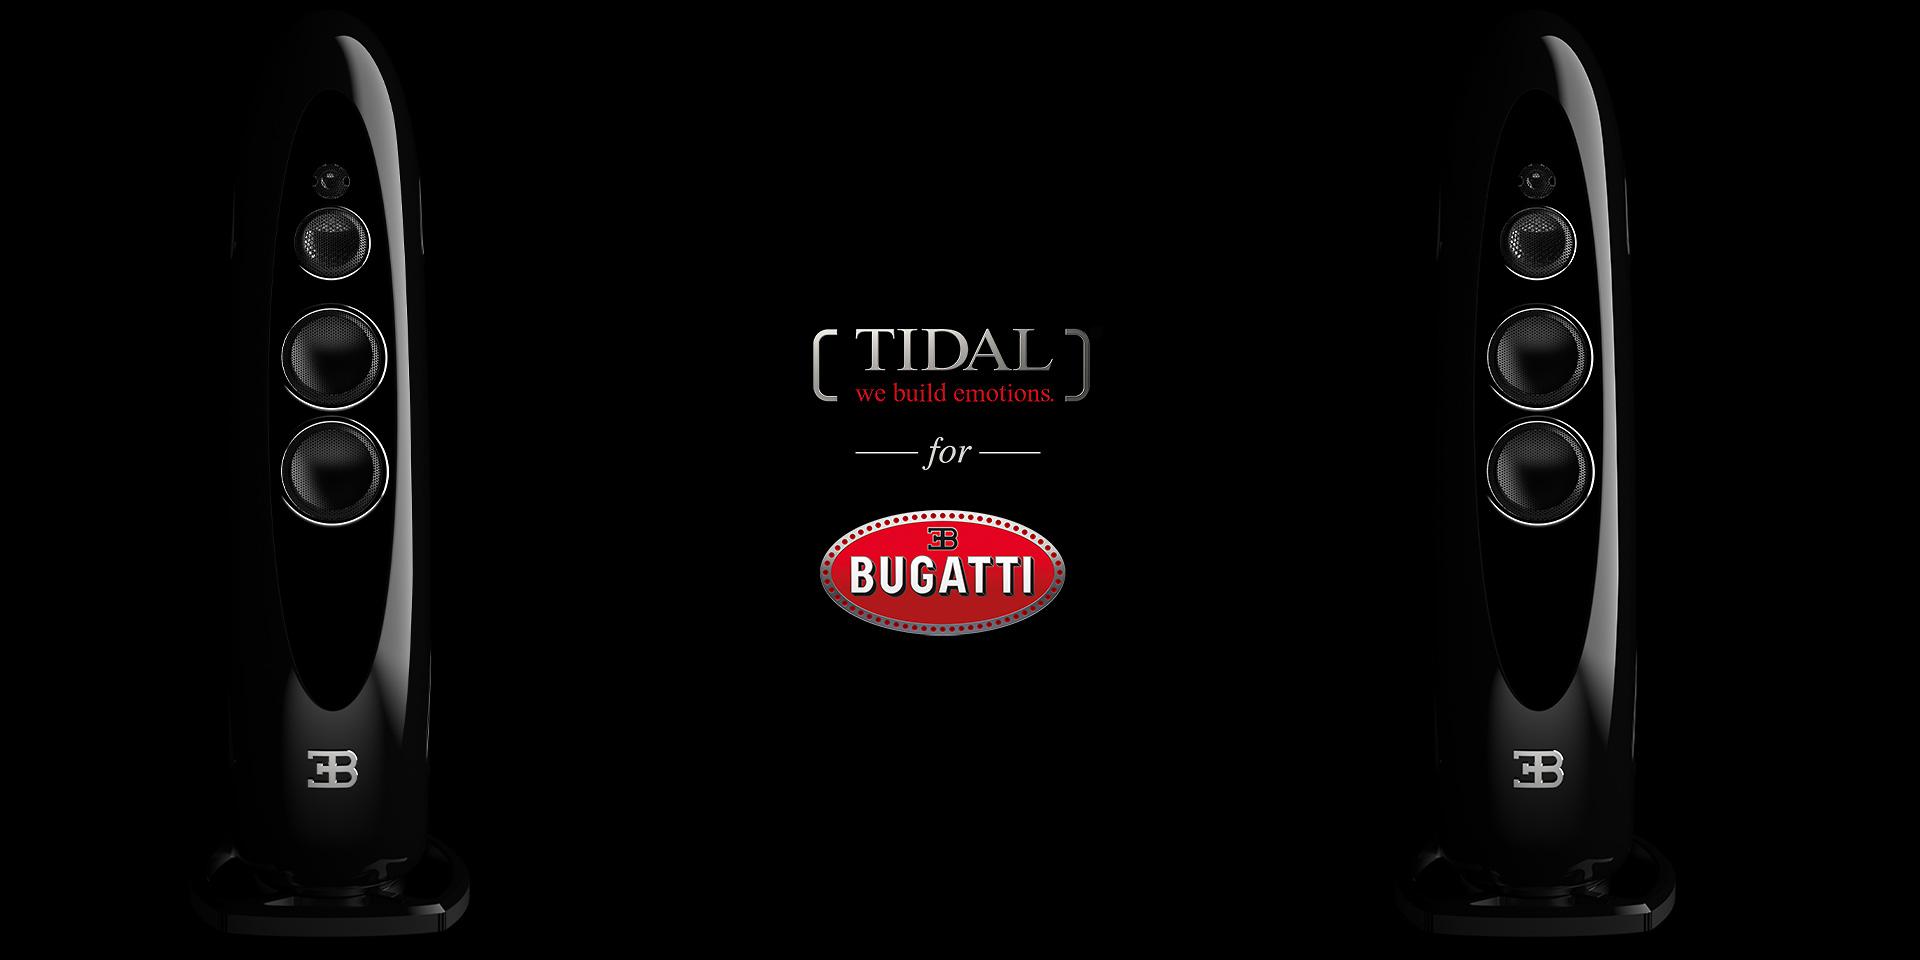 tidal-bugatti-speaker1005